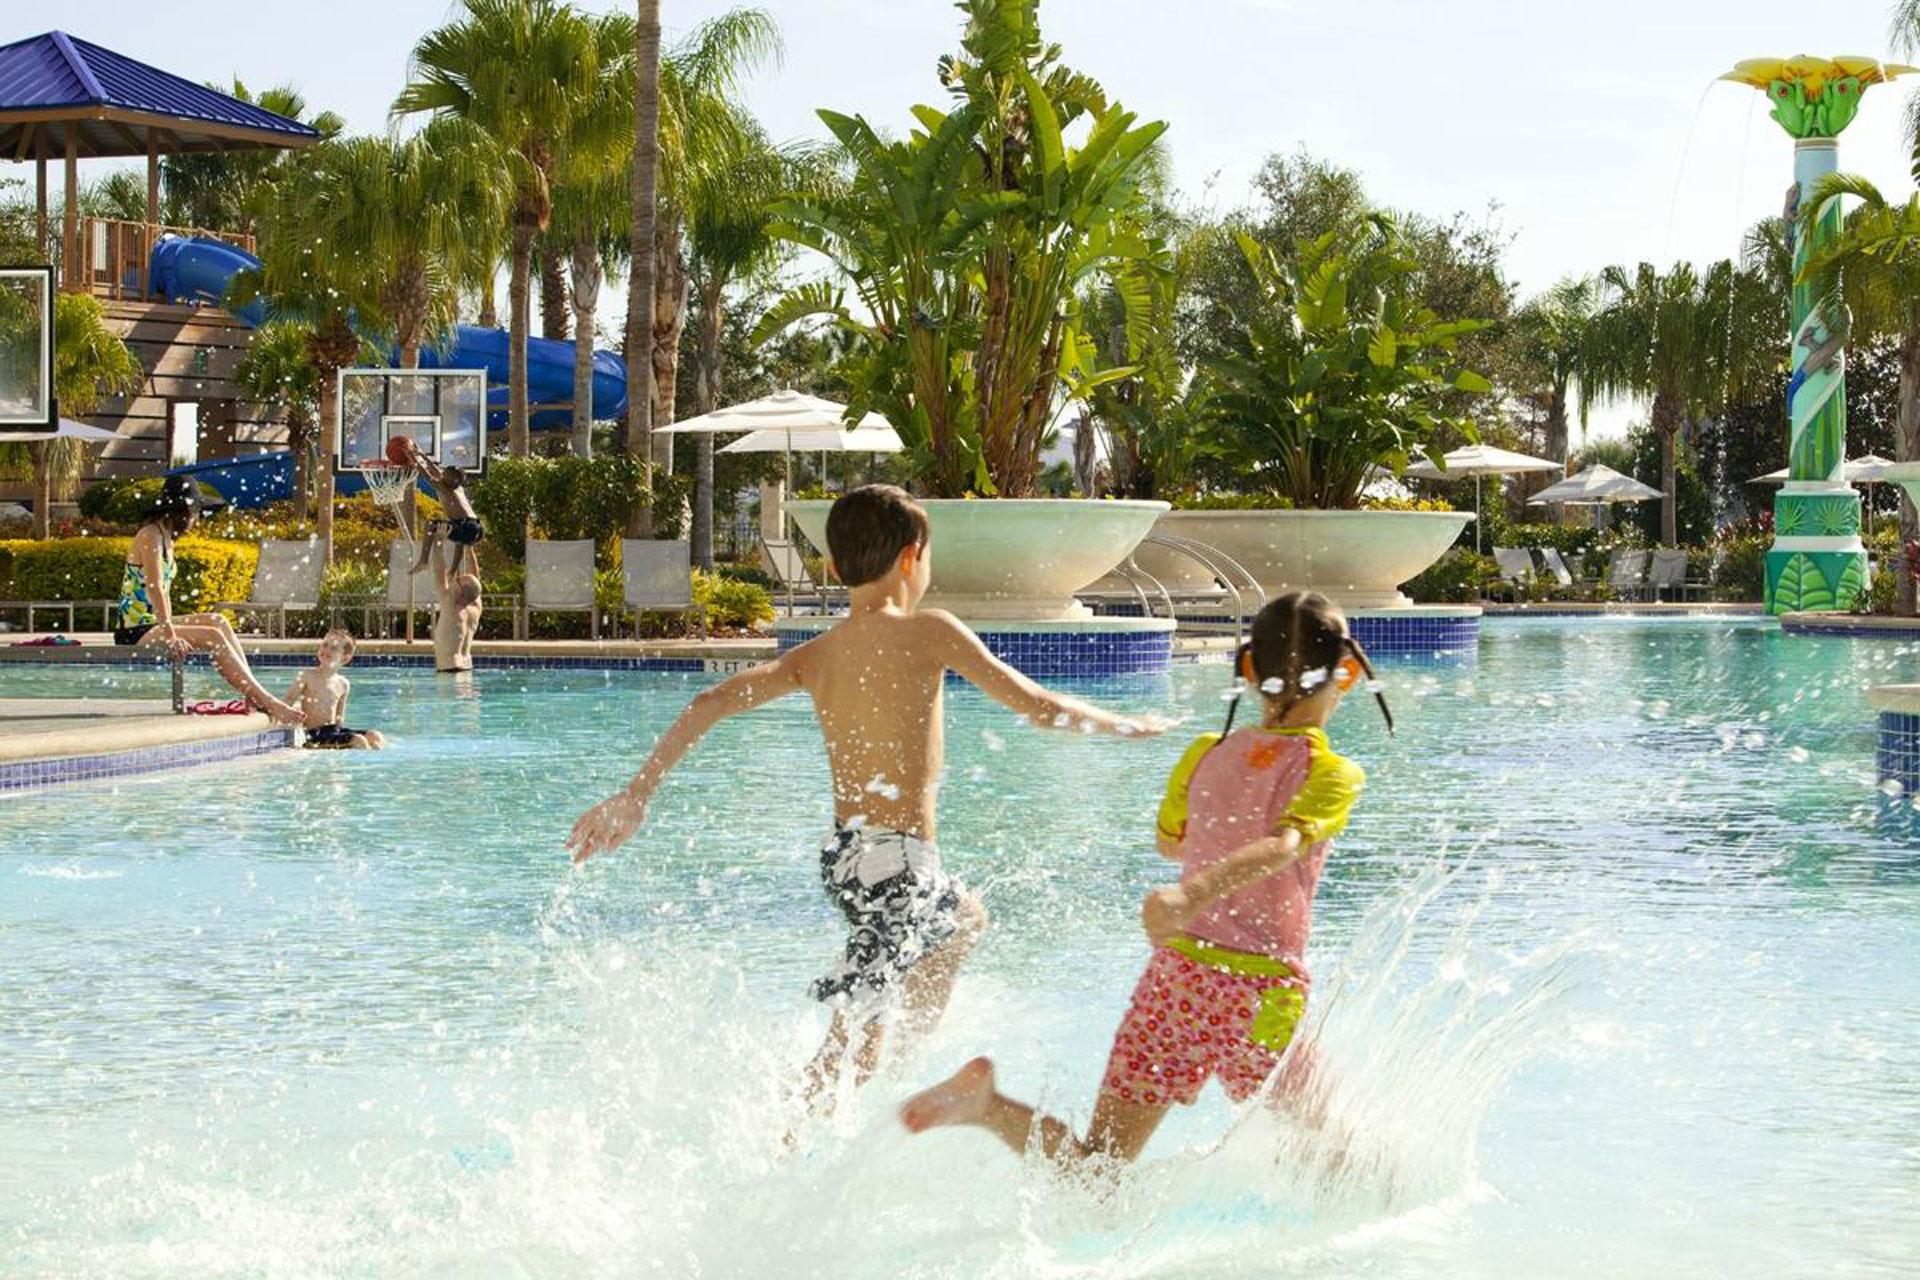 Kids Splashing in Pool at Hilton Orlando